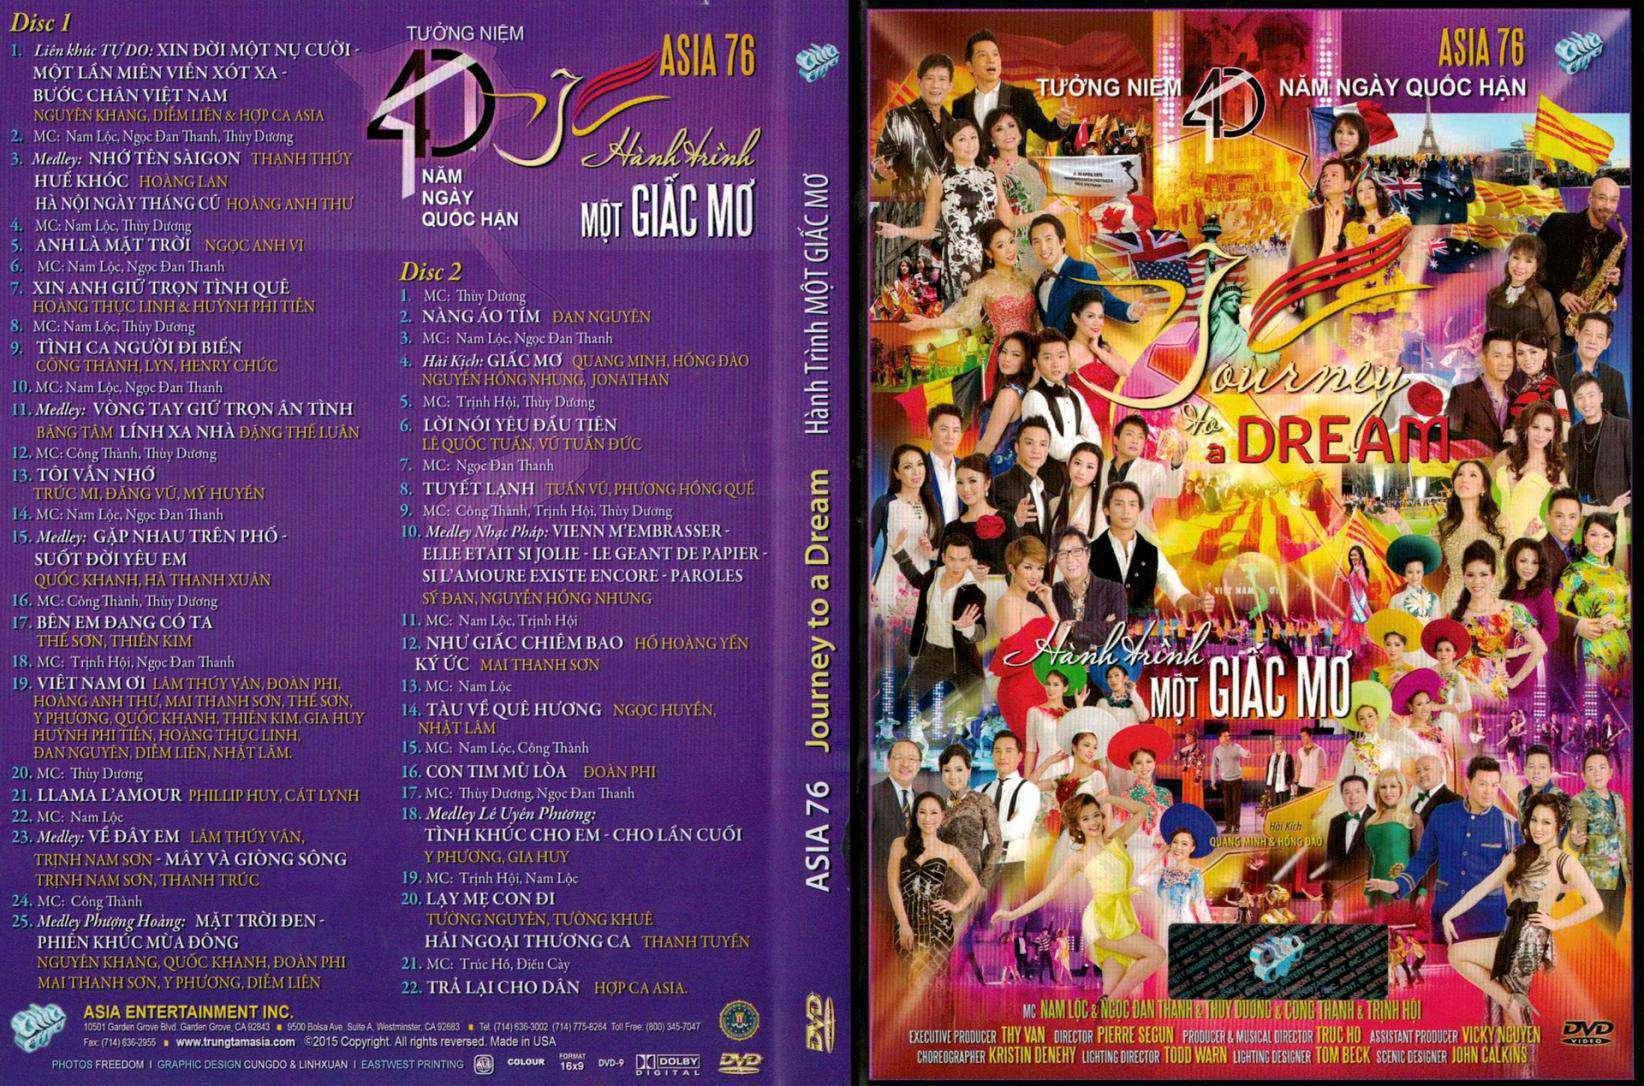 Asia 76 - Hành Trình Một Giấc Mơ Bluray-Disc ISO